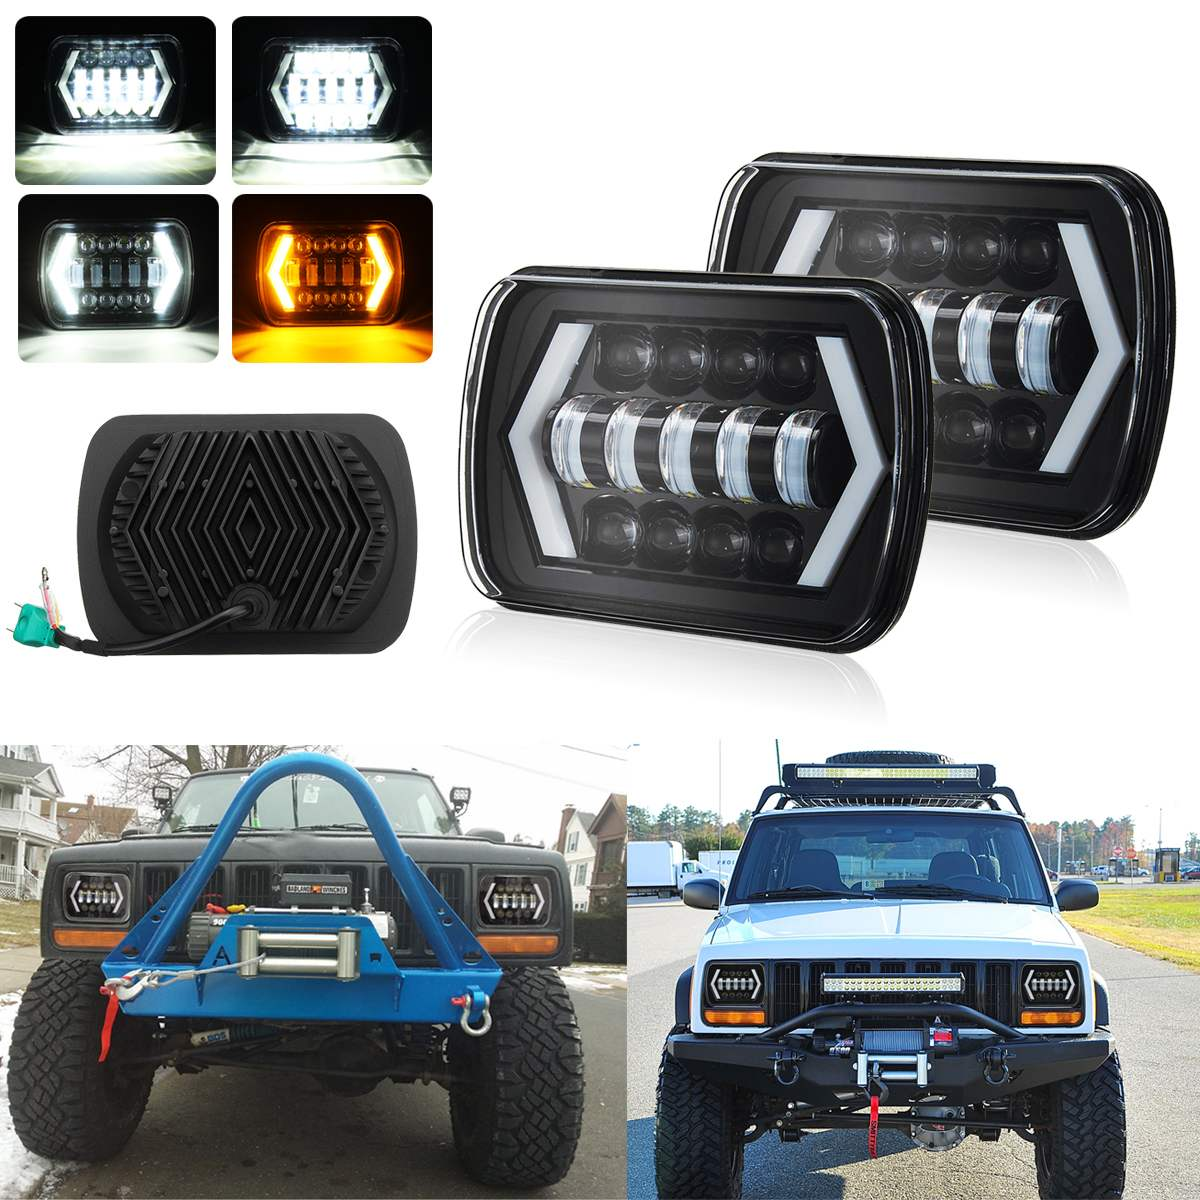 2 Stücke Für Auto Geländefahrzeuge Lkw SUV für Nissan 7X6